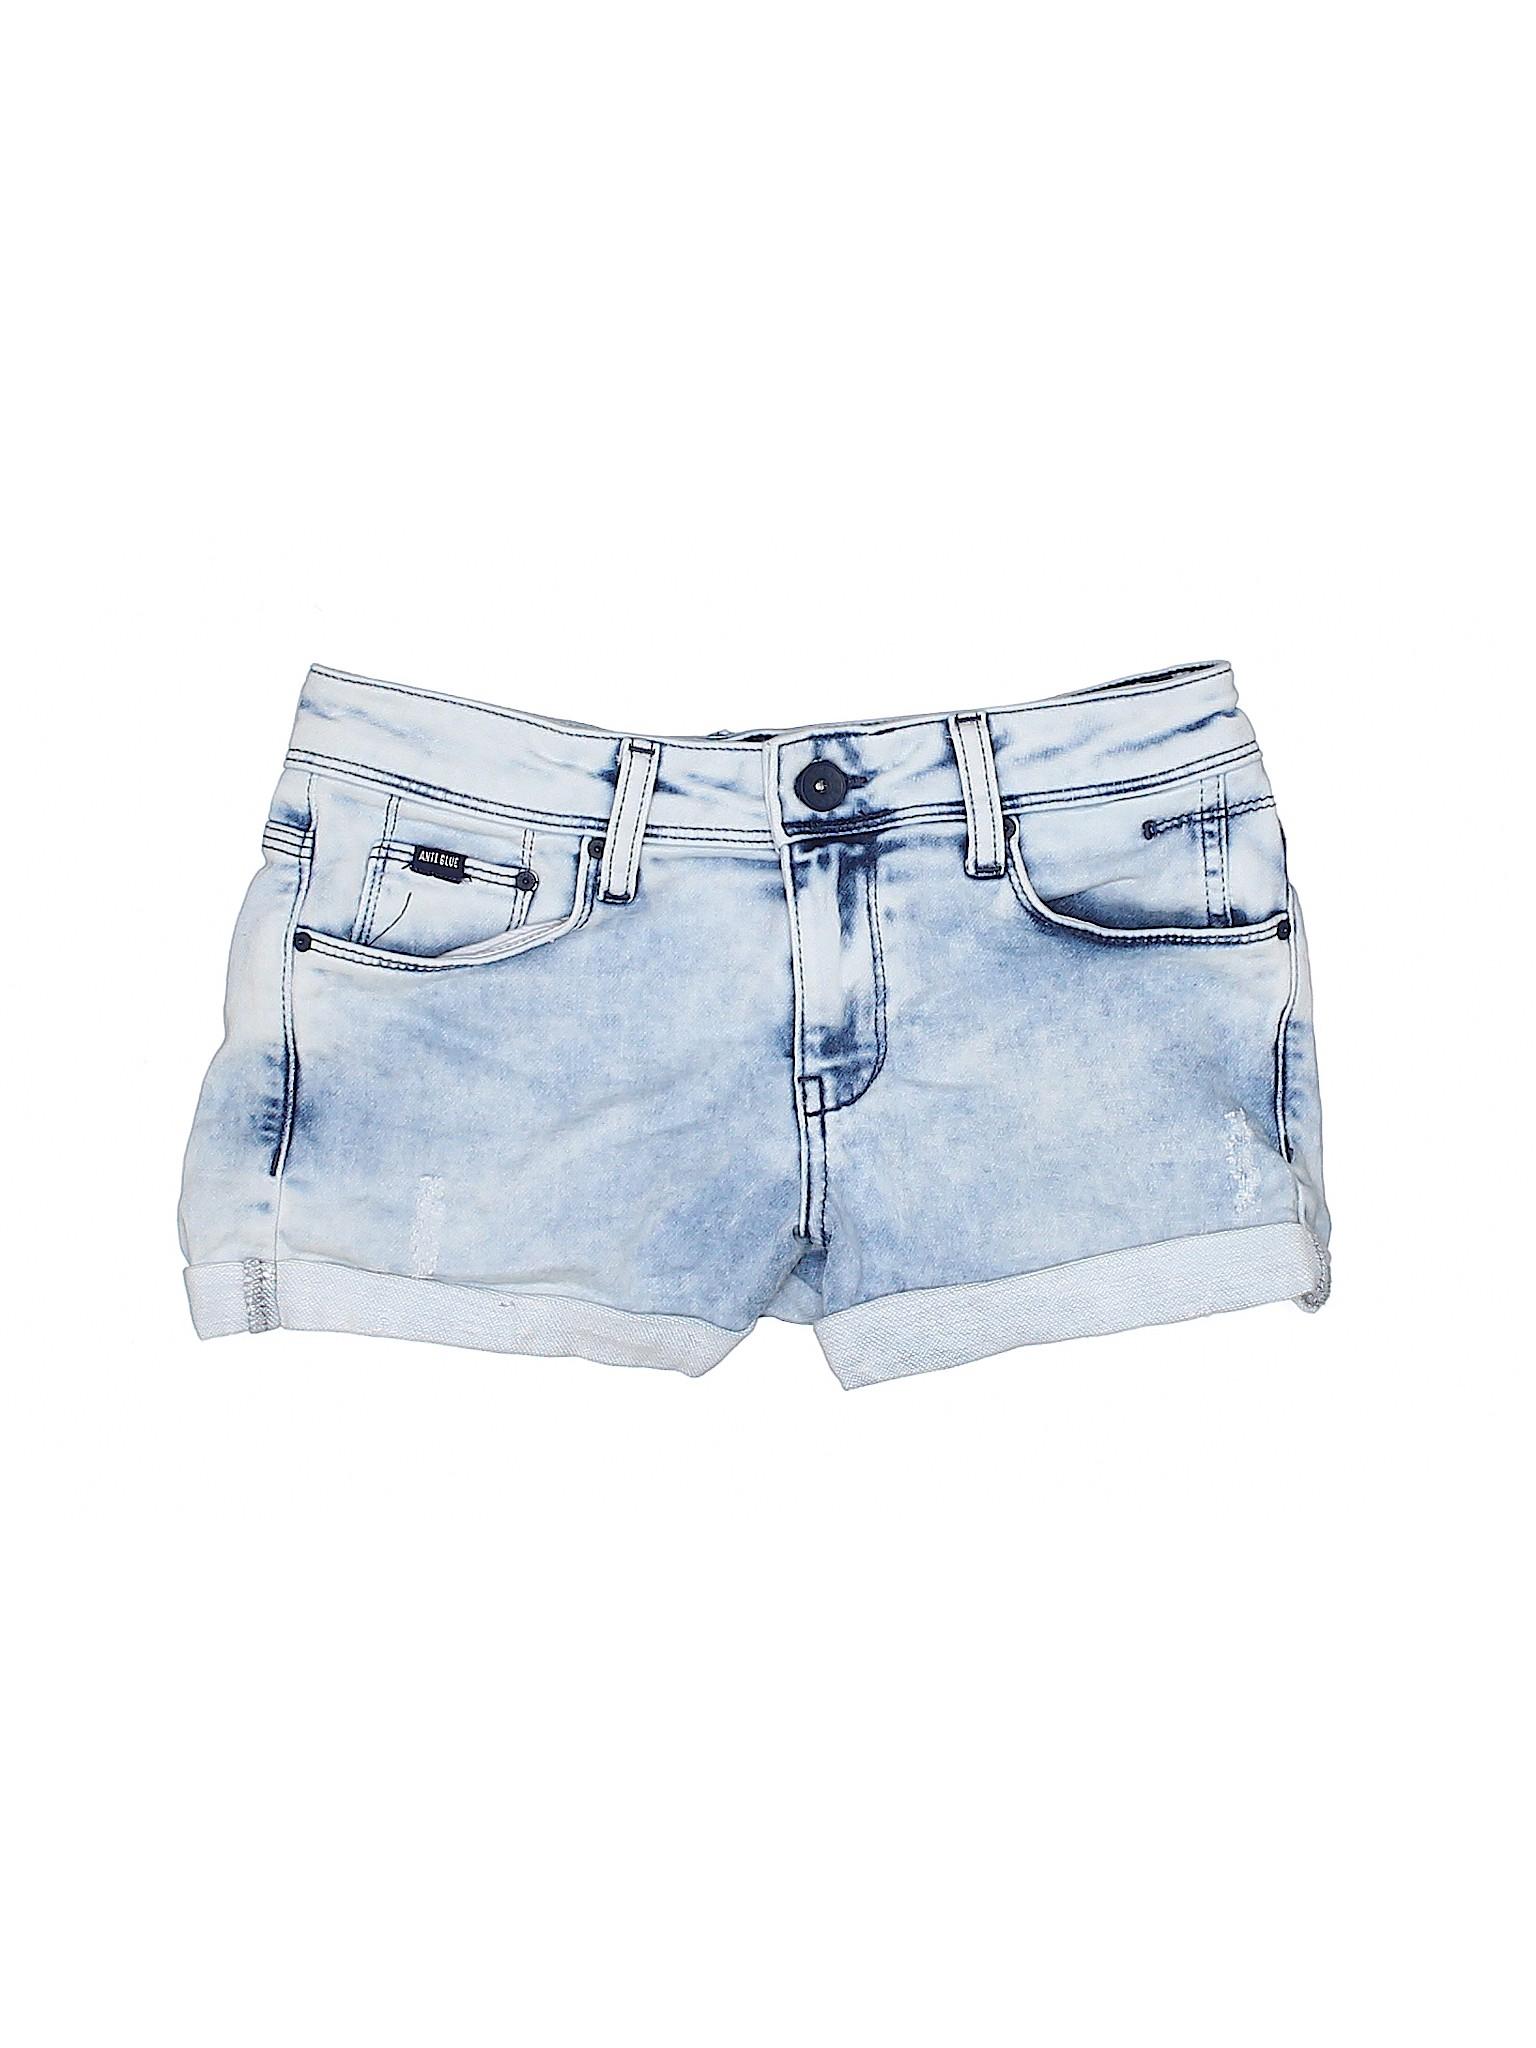 Shorts Shorts leisure Boutique W Boutique Denim W Denim leisure Boutique leisure 6dxnSq6w